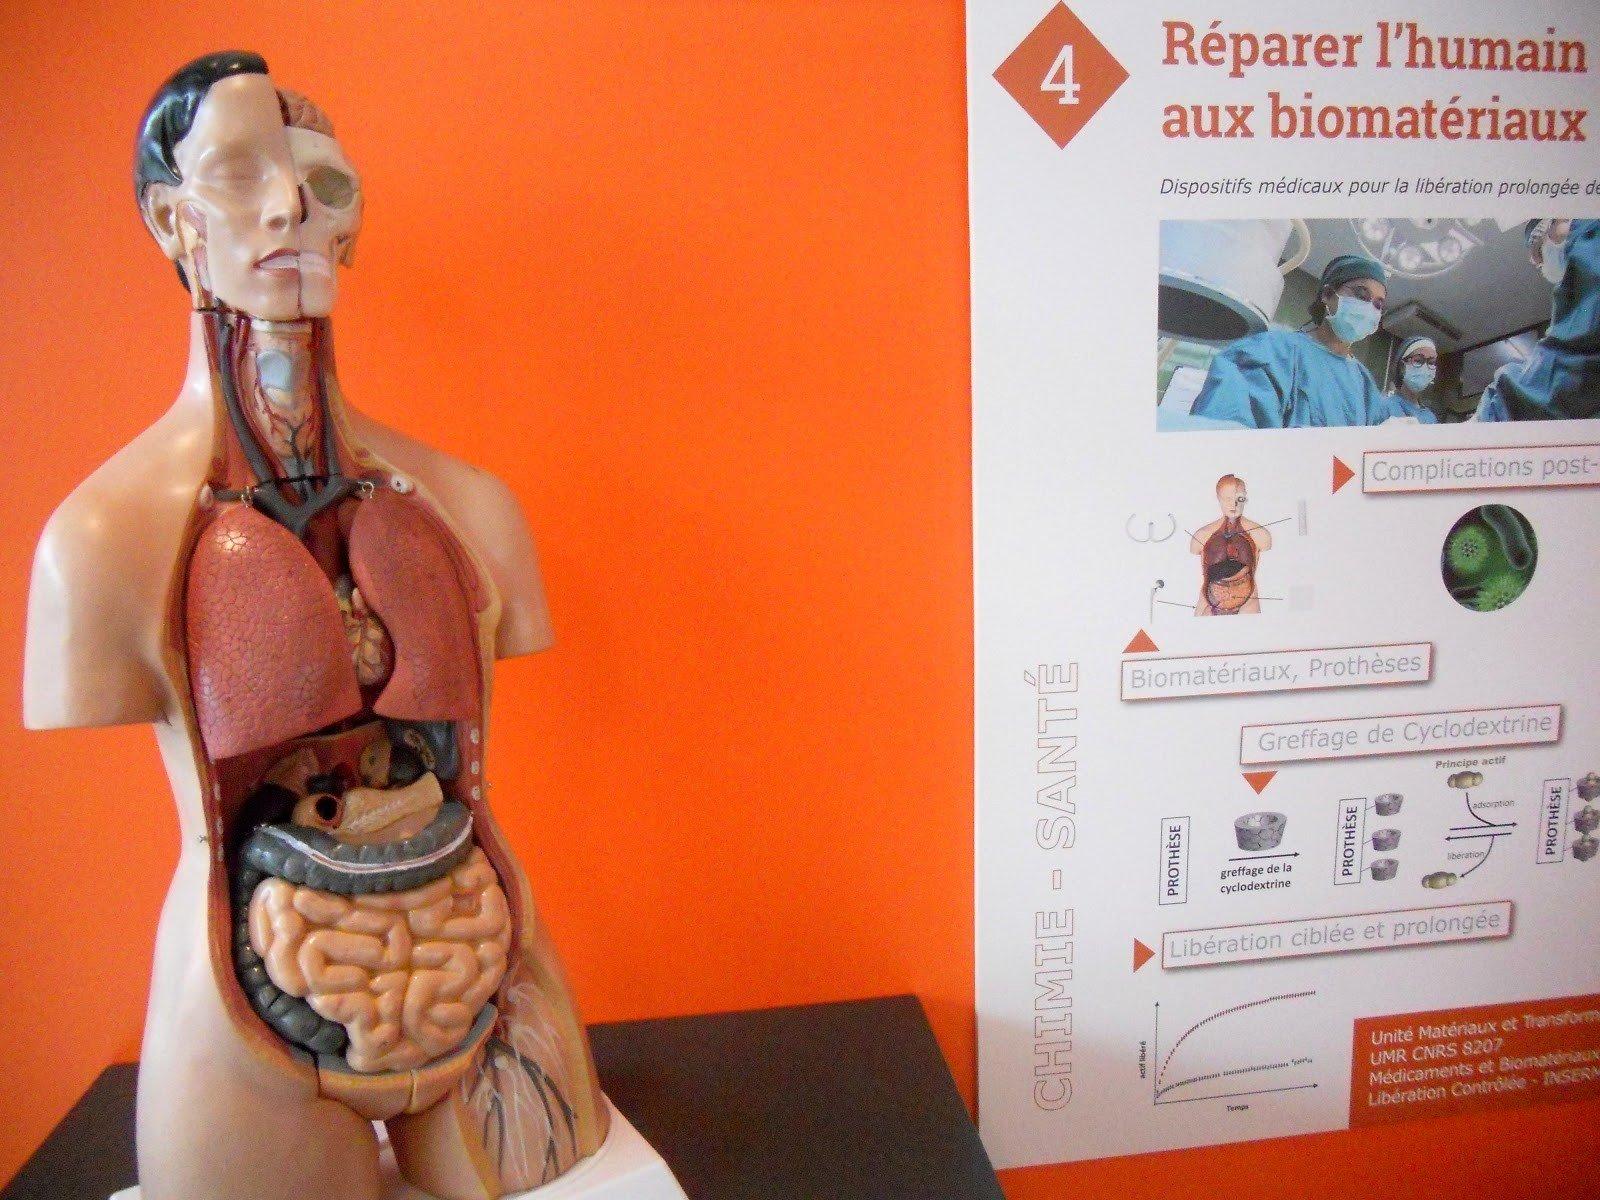 photographie d'un écorché et panneau d'information sur les dispositifs médicaux pour réparer l'humain